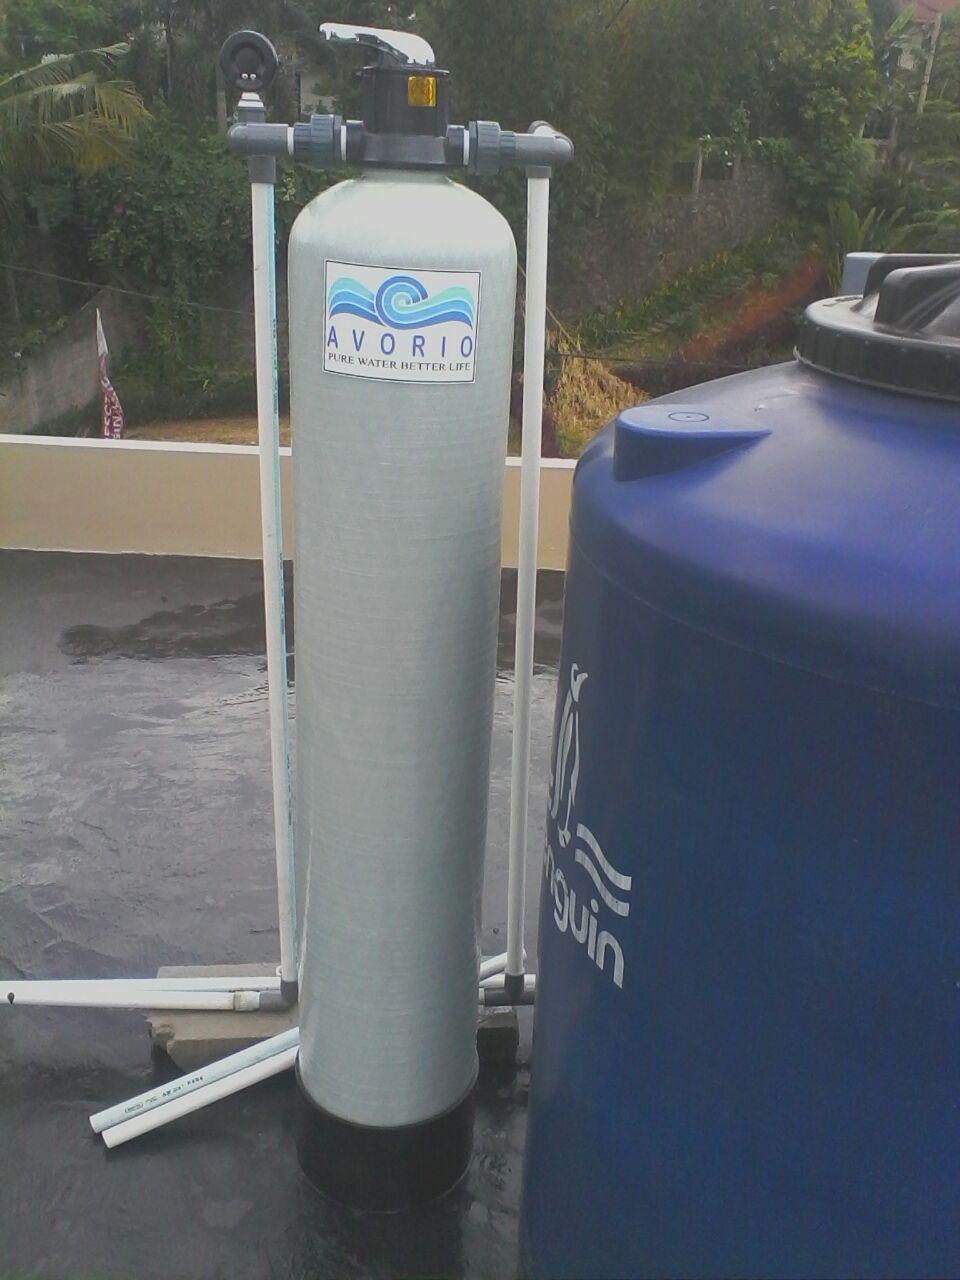 Jual filter air murah dengan kualitas bagus untuk rumah tangga dan indistri di Andara village.